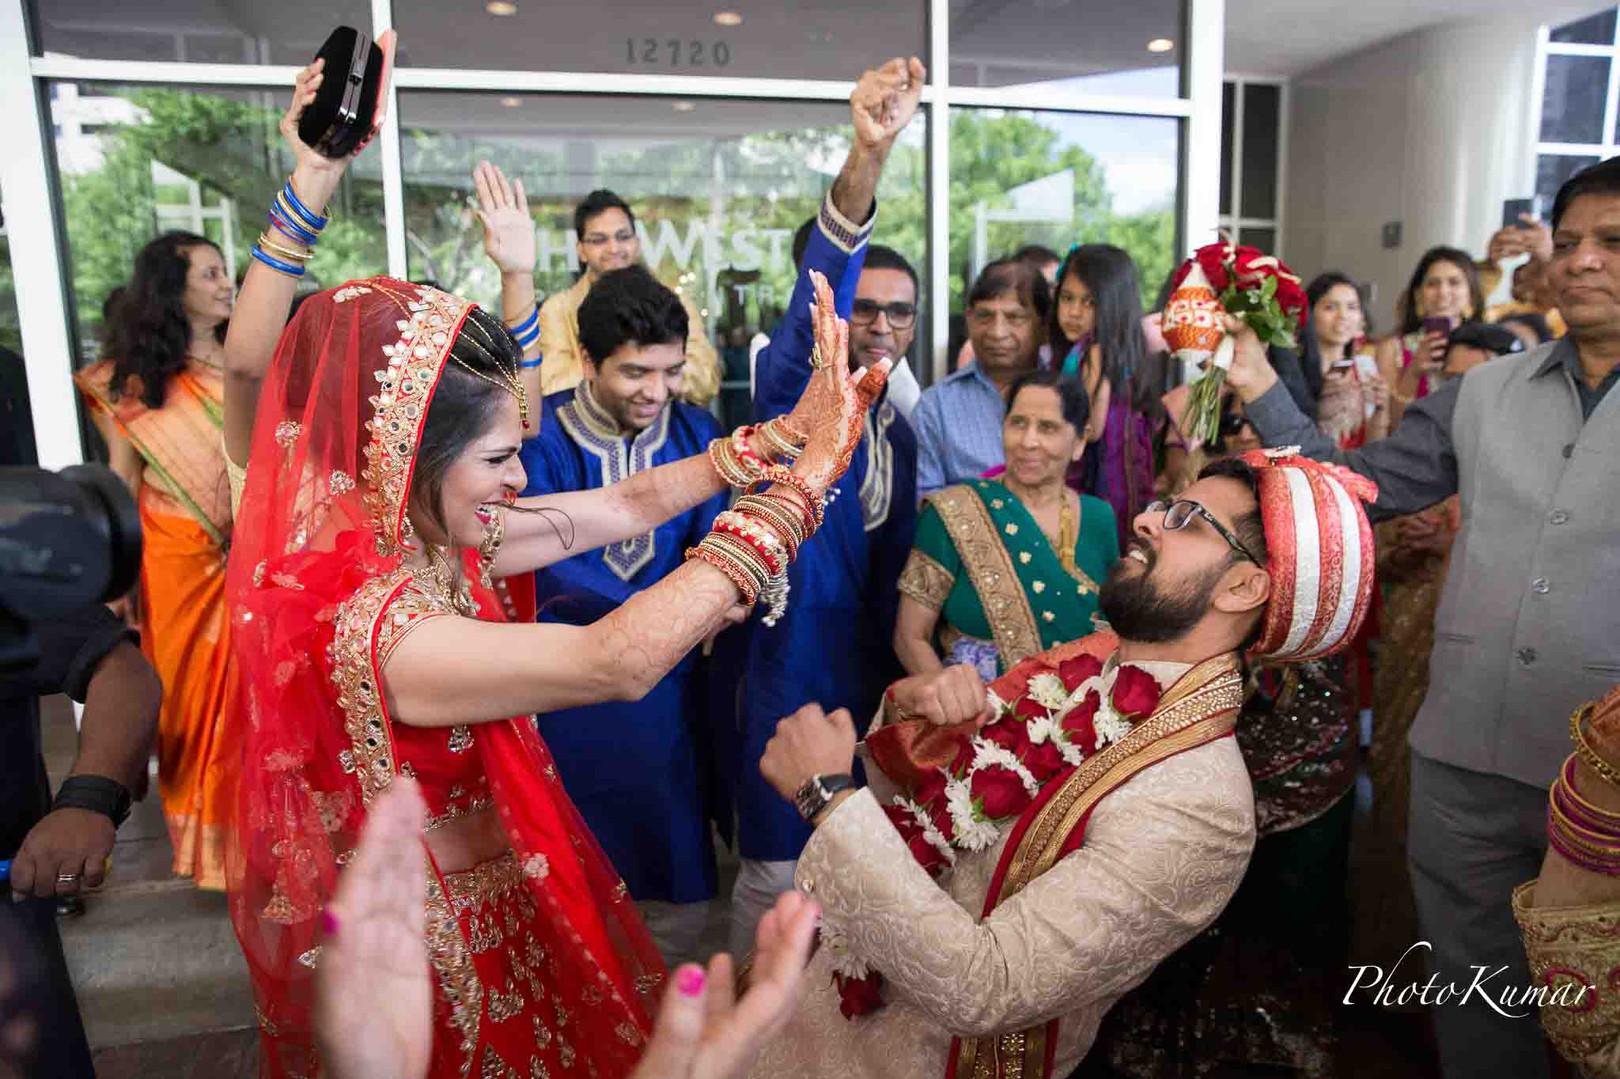 Baraat-wedding-photokumar-4.jpg